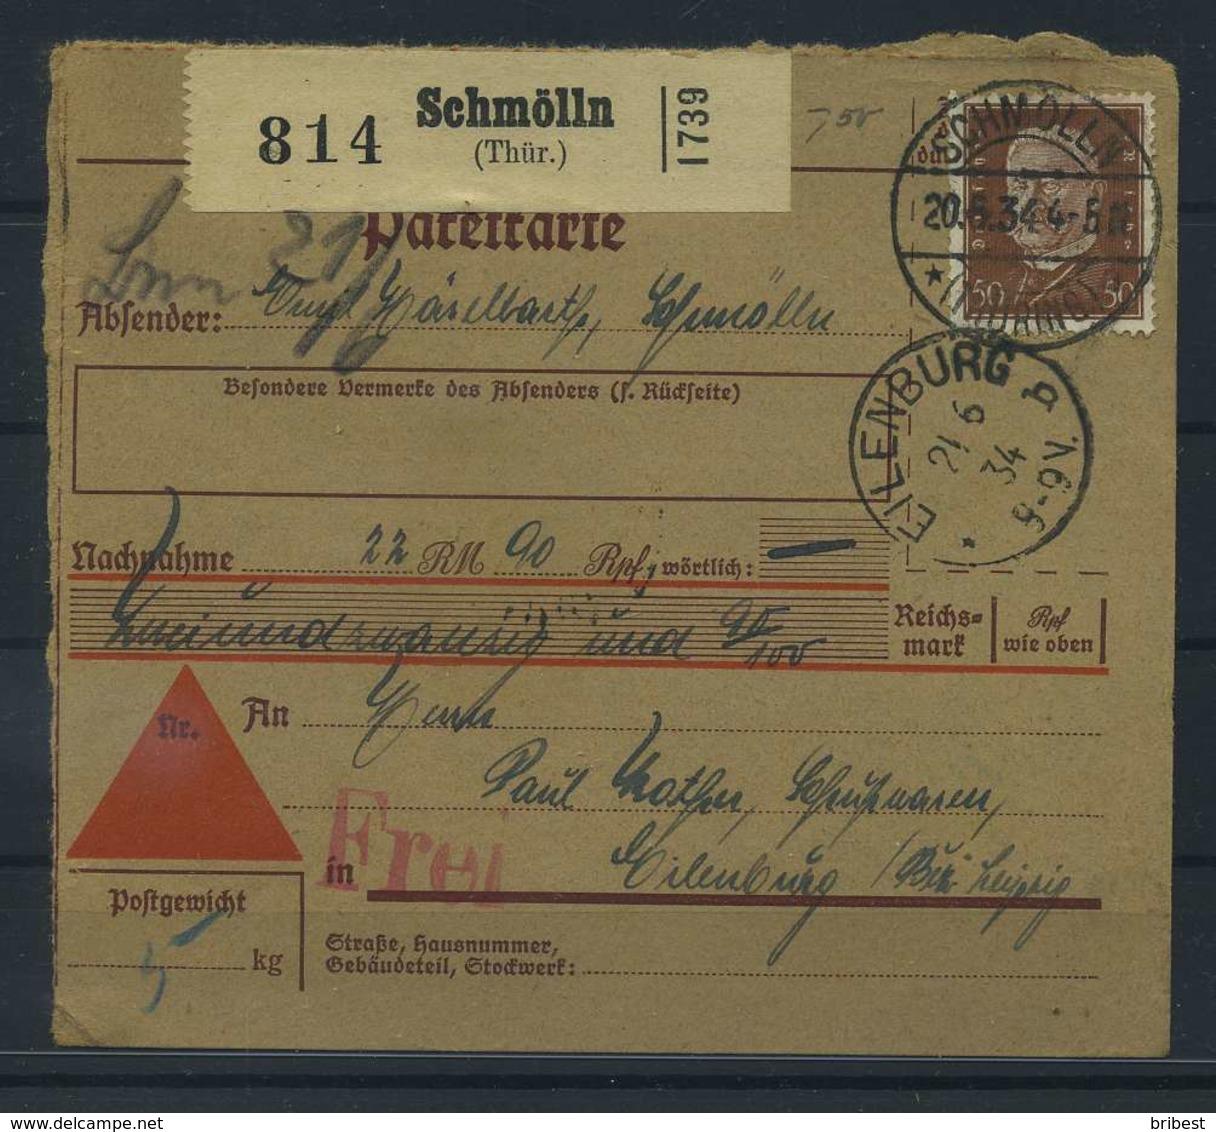 Paketkarte 1934 SCHMOELLN Siehe Beschreibung (115228) - Deutschland